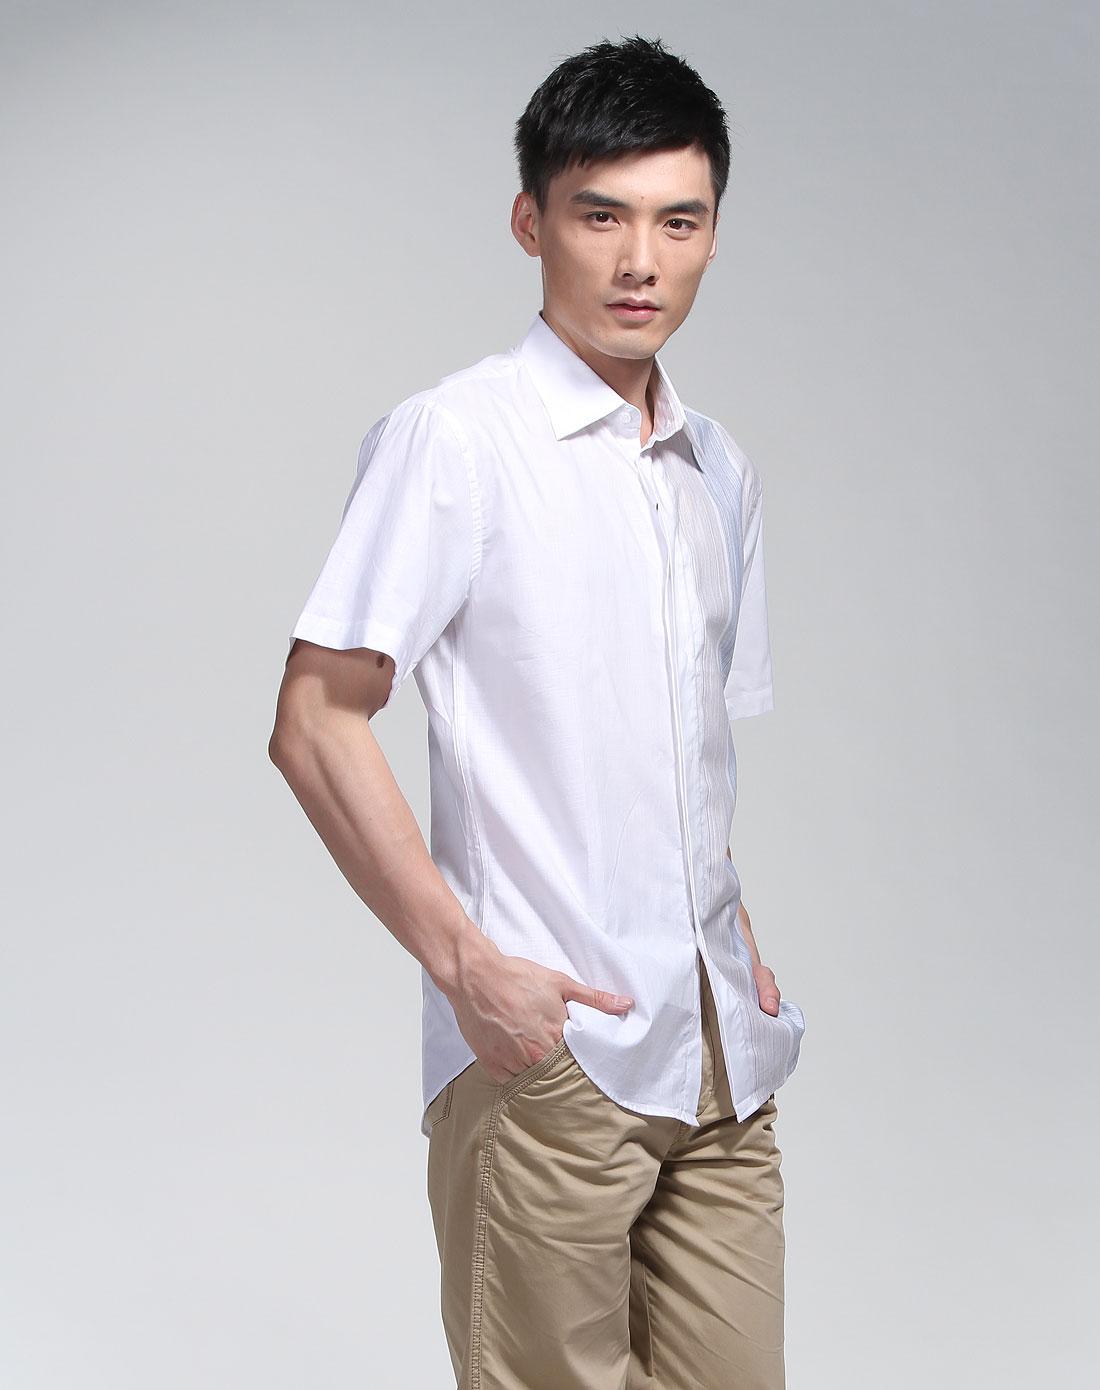 马亚诺mariano白色短袖衬衫_唯品会名牌时尚折扣网